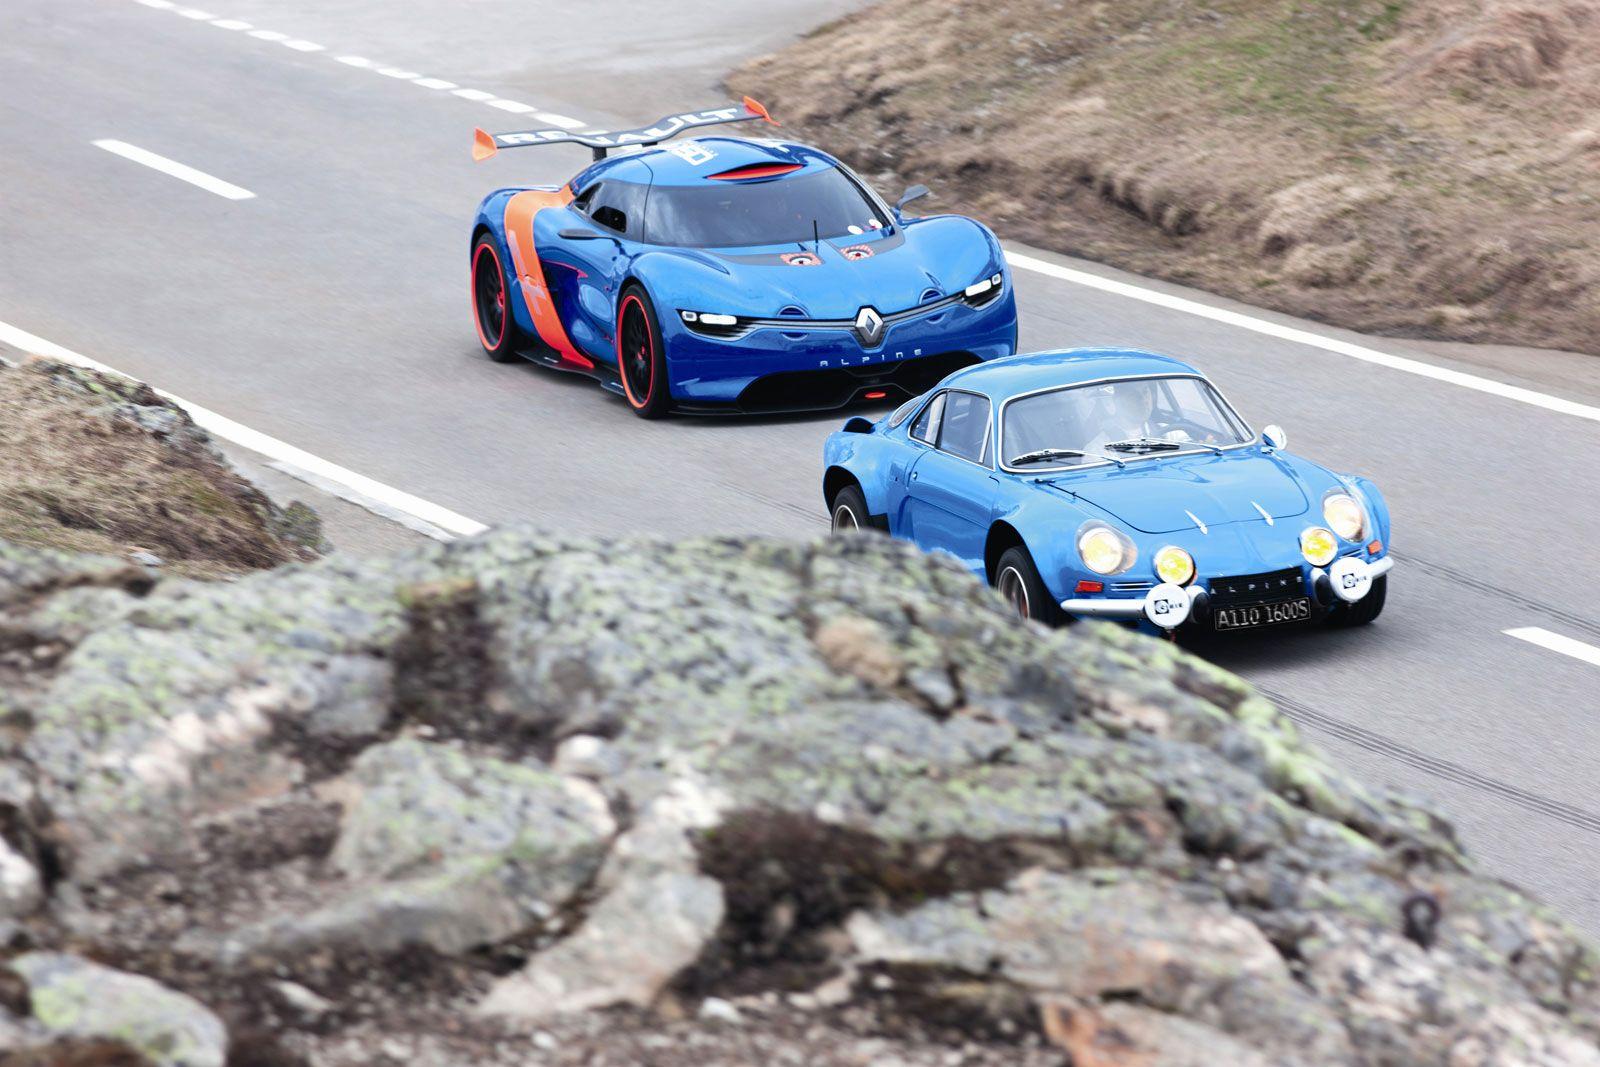 Renault Alpine A110 50 Concept And The Original Alpine A110 Renault Alpine Renault Cars